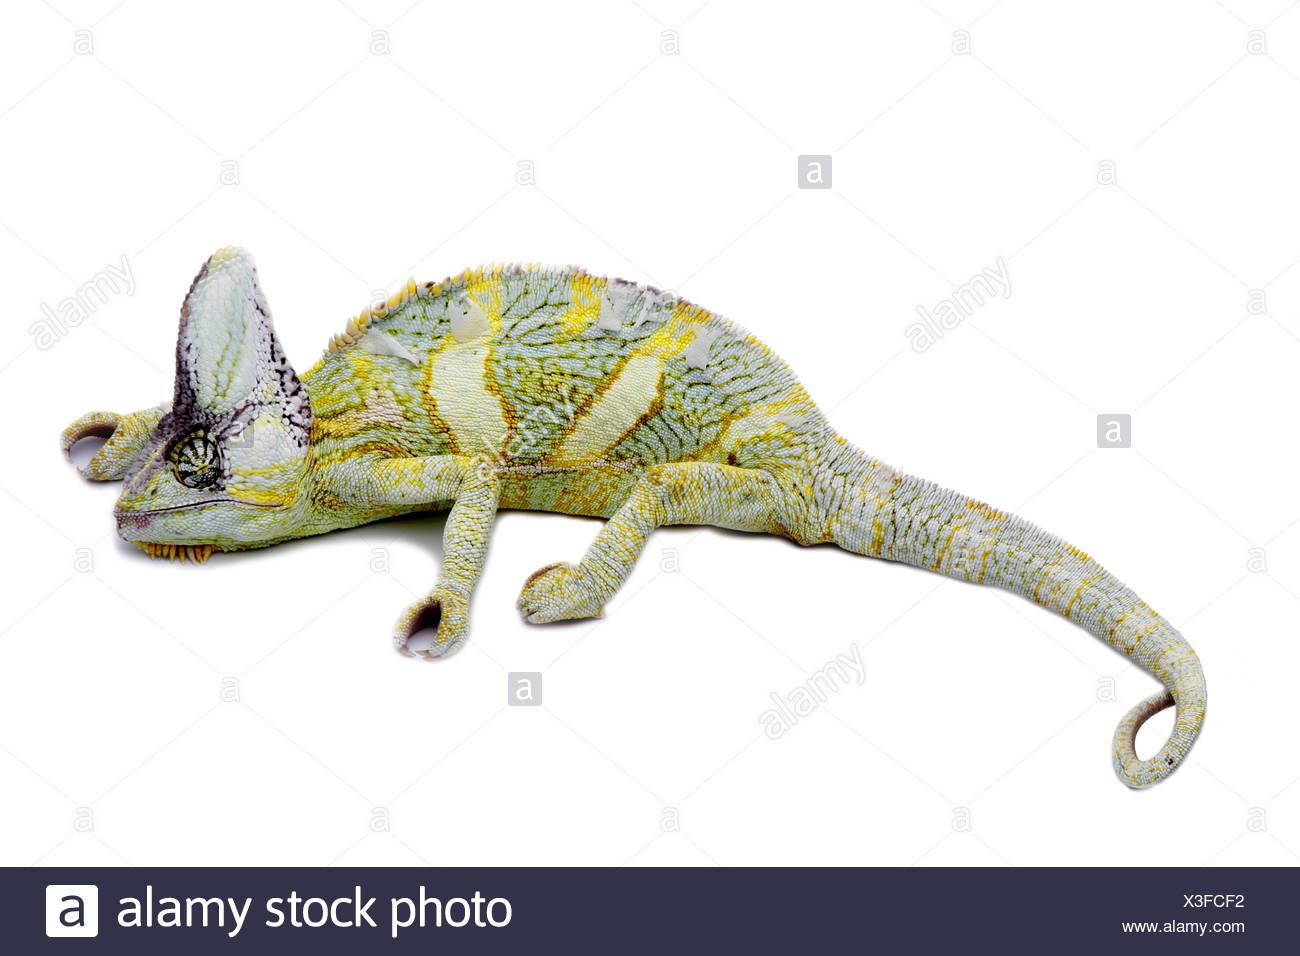 Chamaeleo calyptratus, Yemen chameleon, cone-headed chameleon, veiled chameleon - Stock Image